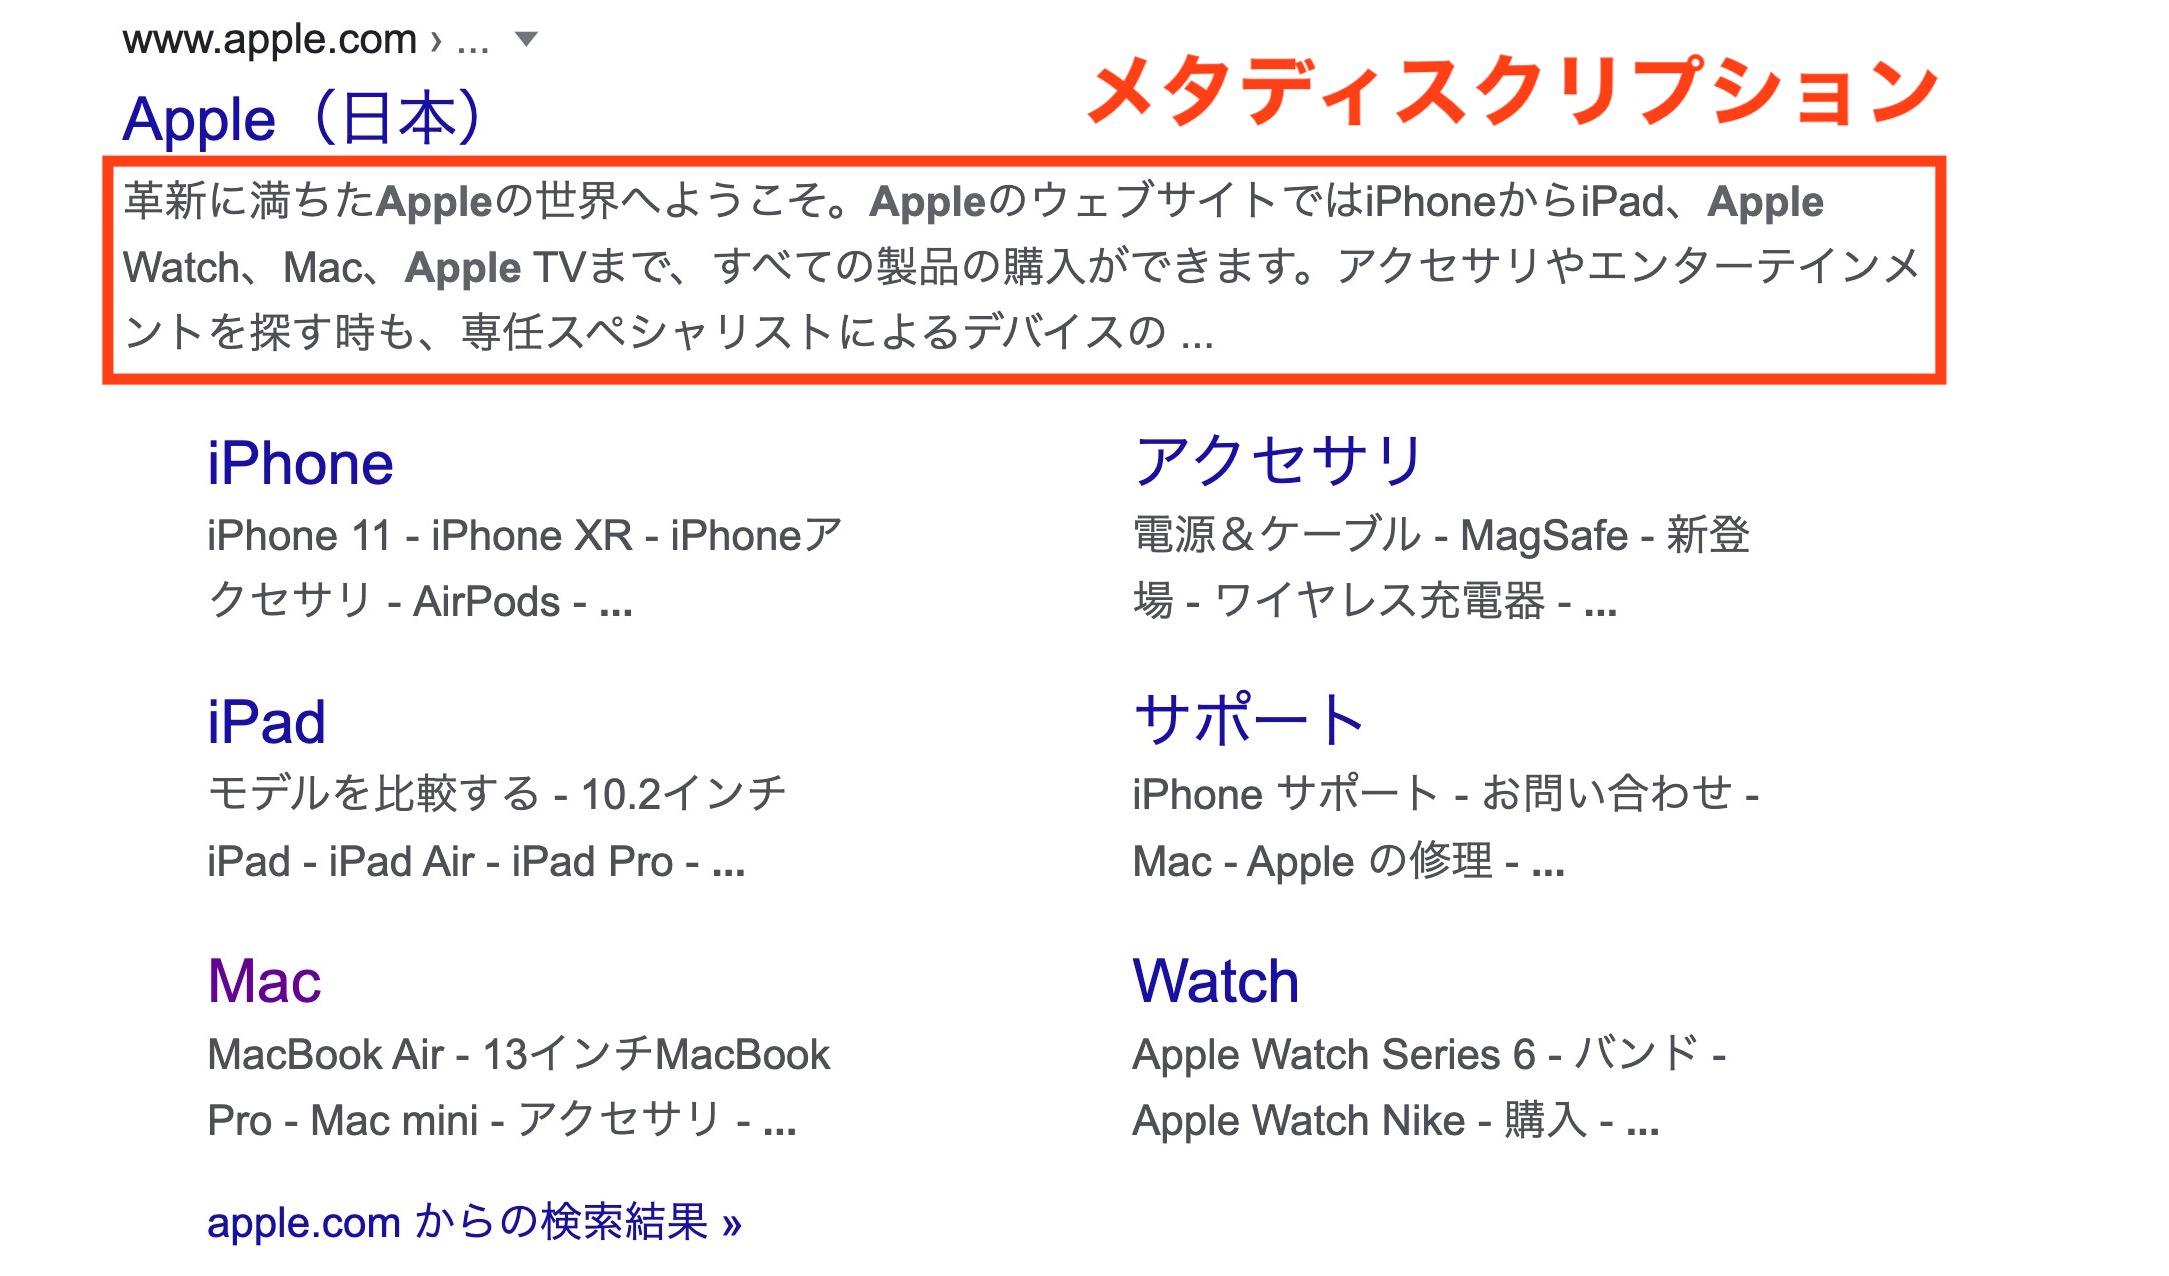 Appleのメタディスクリプション